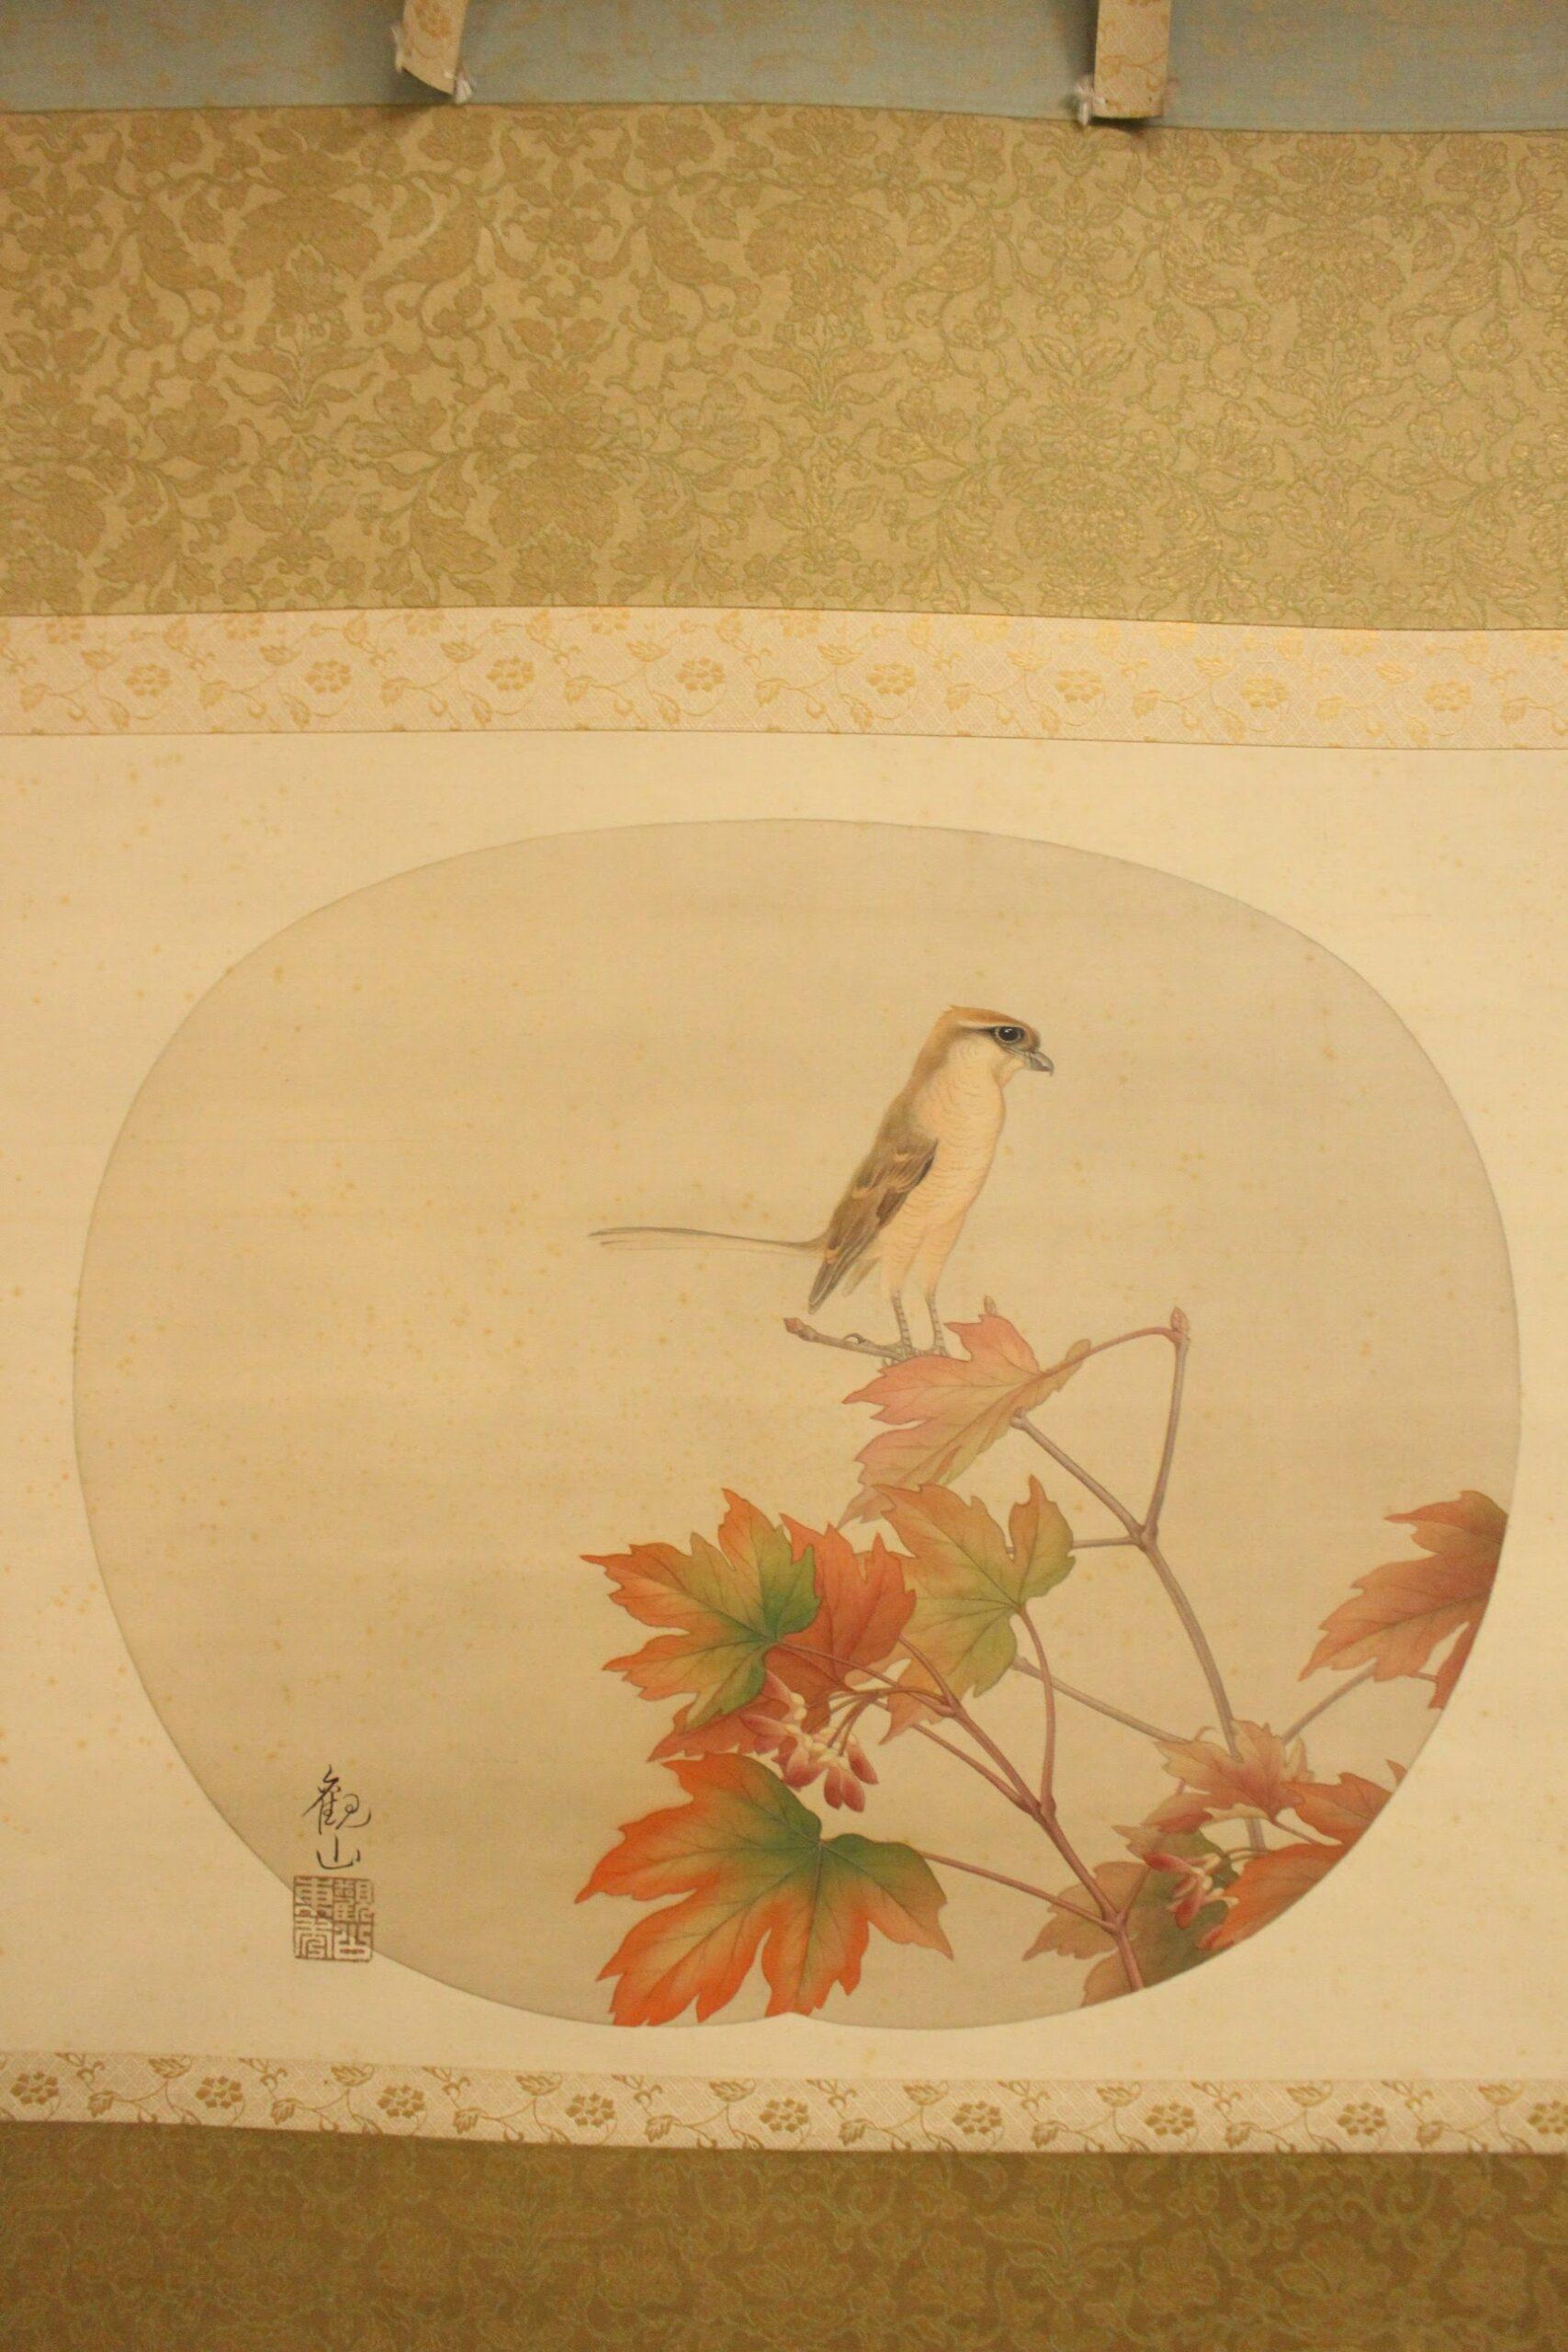 下村観山の作品の特長。古典的日本画の継承と西洋的色彩の融合